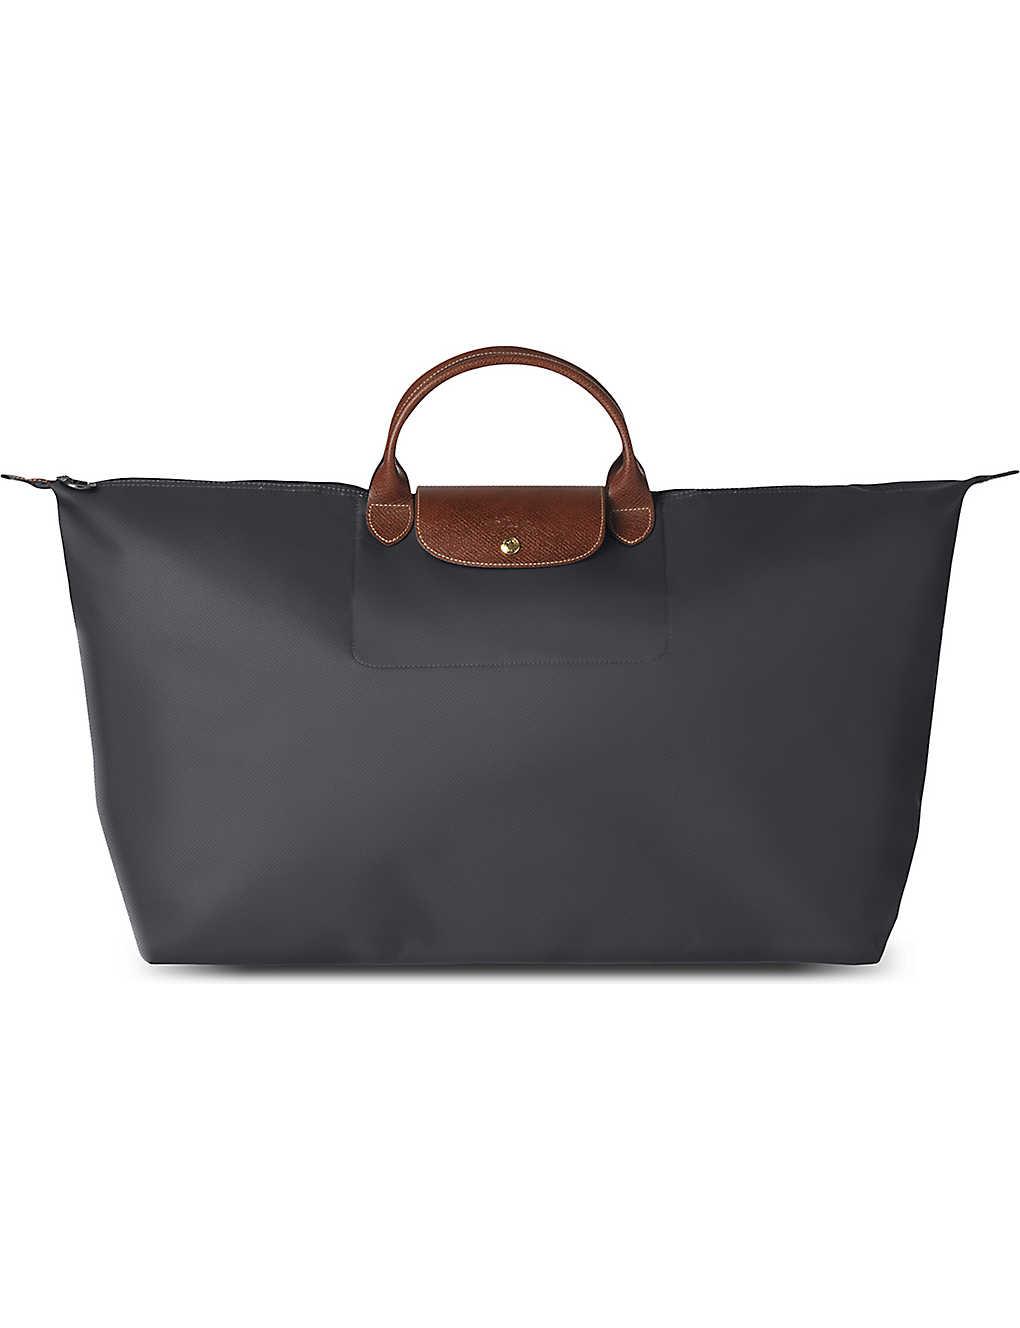 LONGCHAMP - Le Pliage large travel bag  443c07902fca8